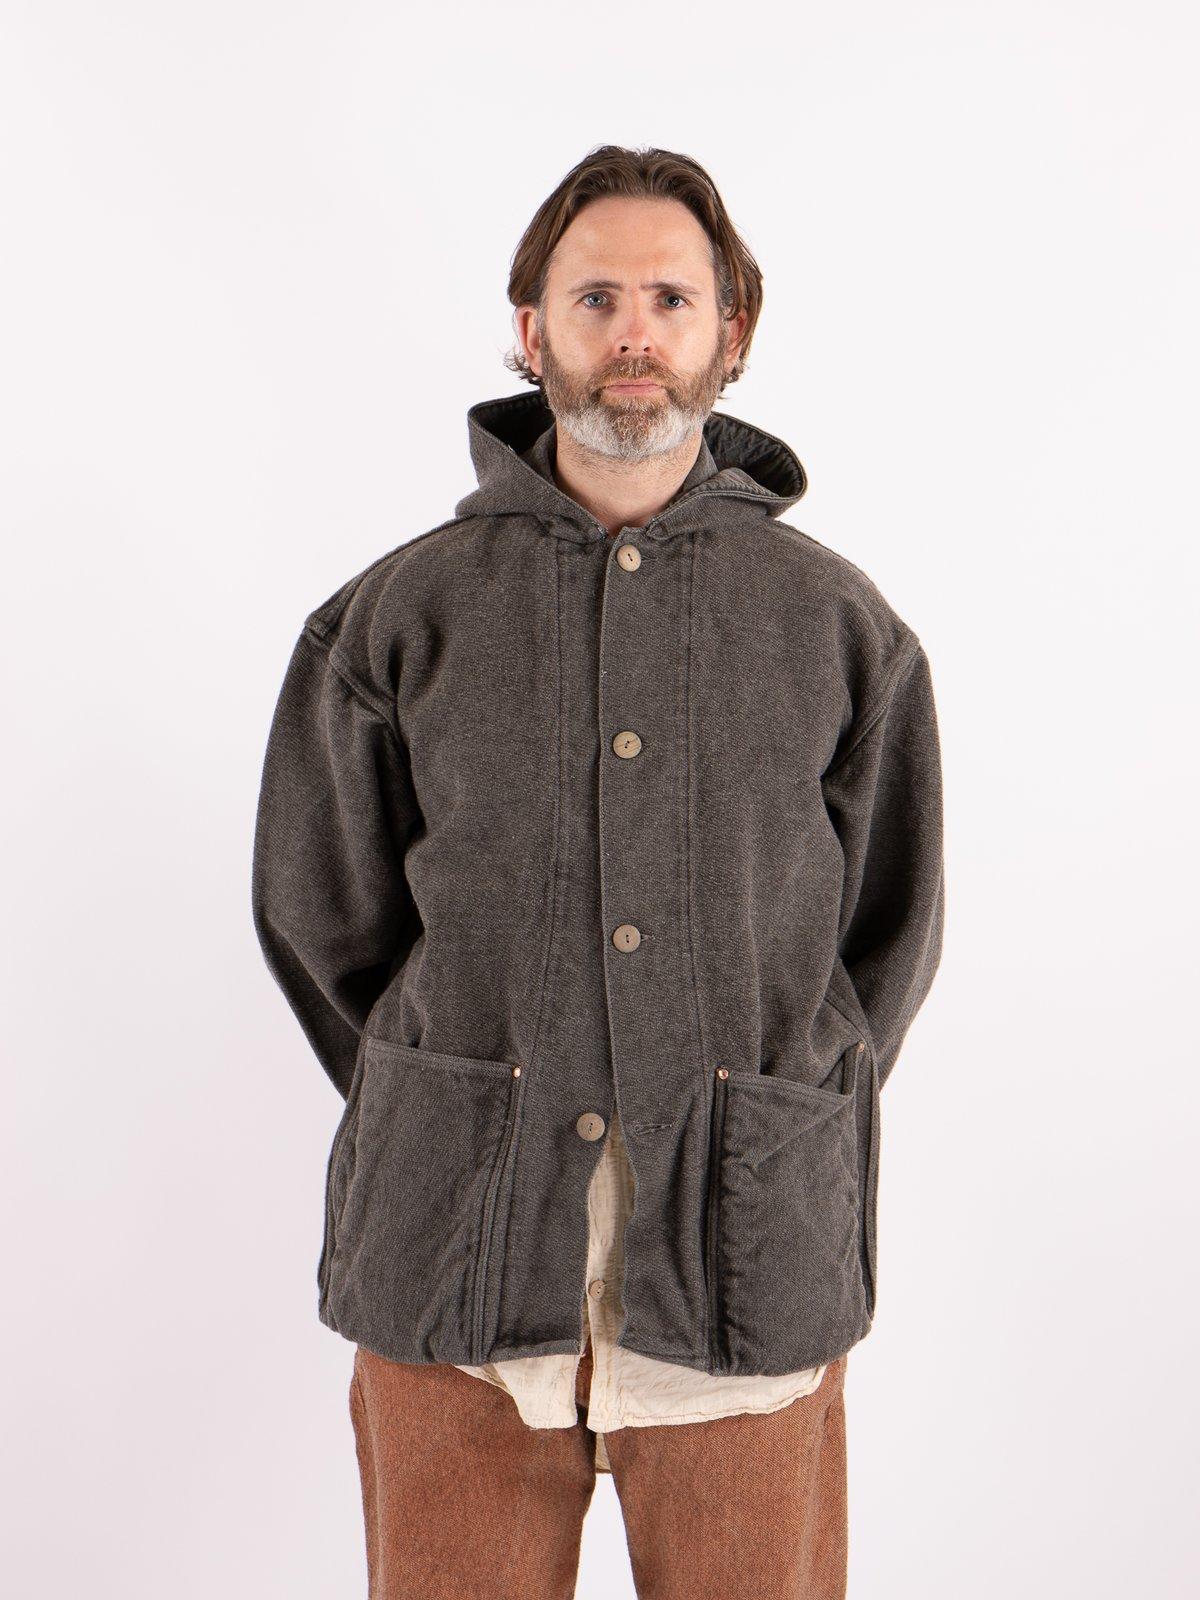 Indian Black Dye Hooded Shepherd's Coat - Image 2